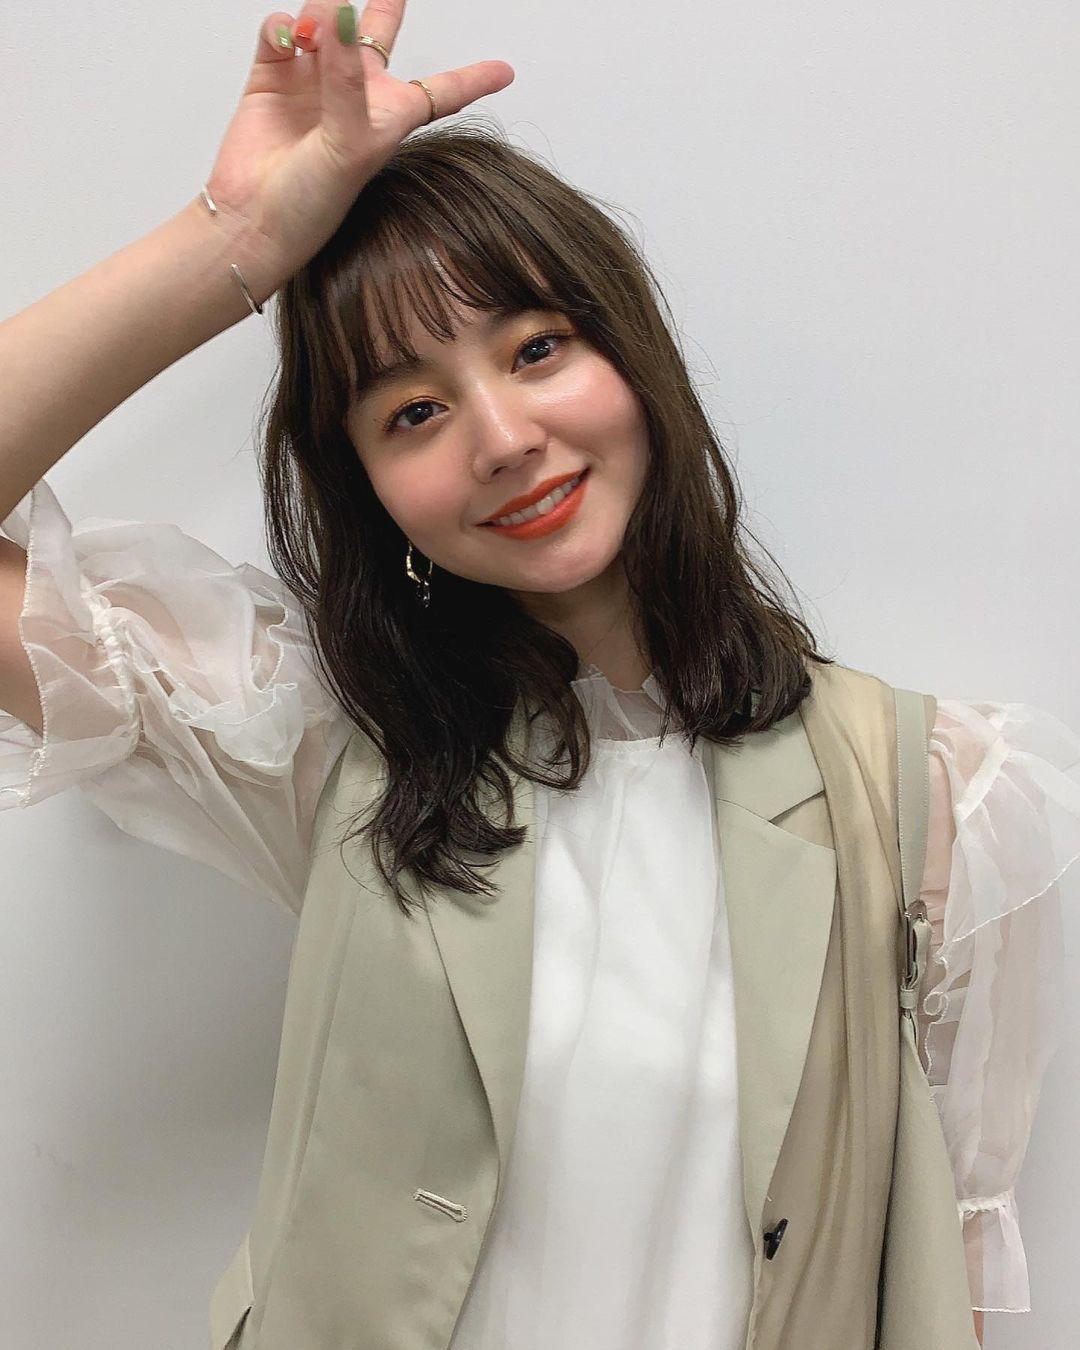 崛北真希妹妹NANAMI新生代清纯女 网络美女 第22张